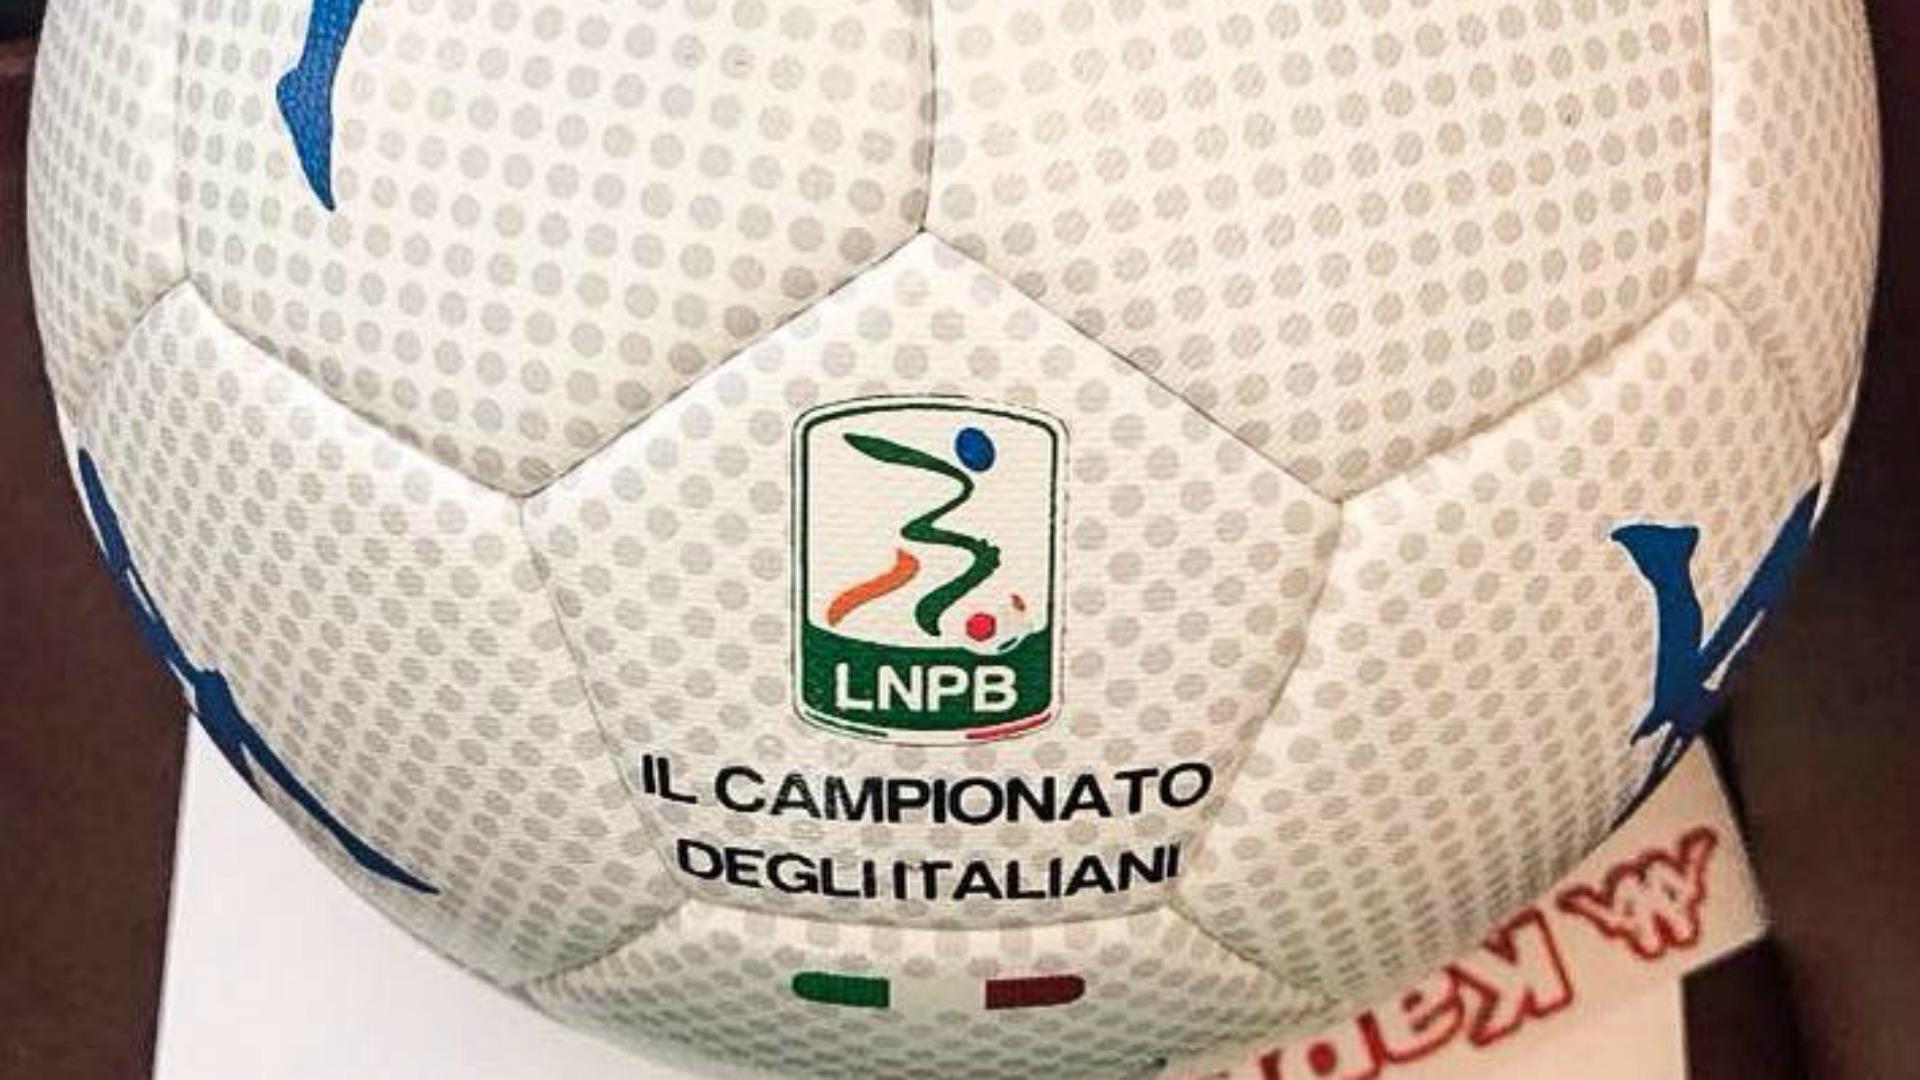 Serie B, agevolata la disputa dei playoff. Presentato il nuovo pallone 2017/18